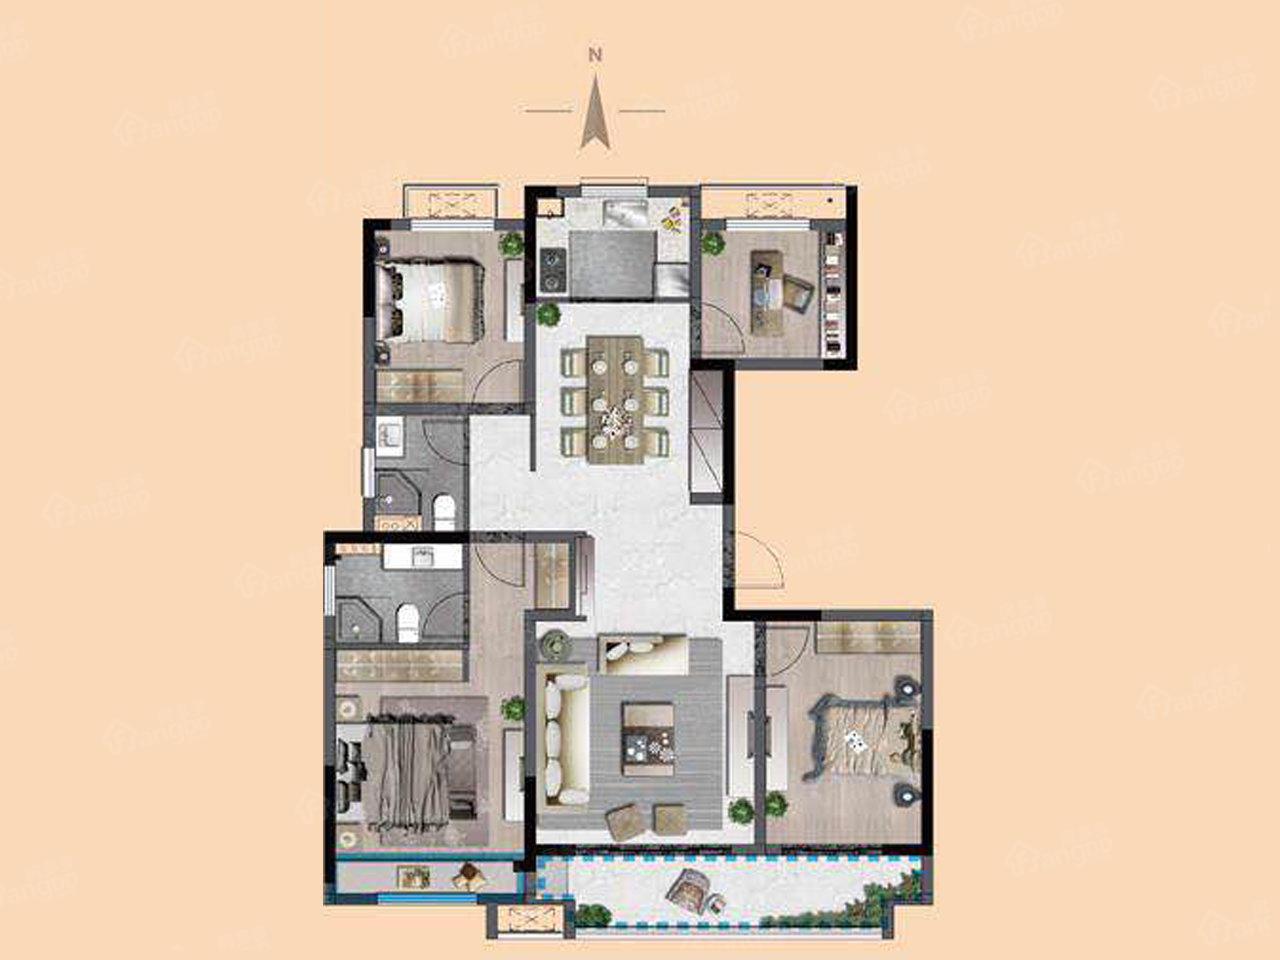 中梁阳光城·壹号院4室2厅2卫户型图